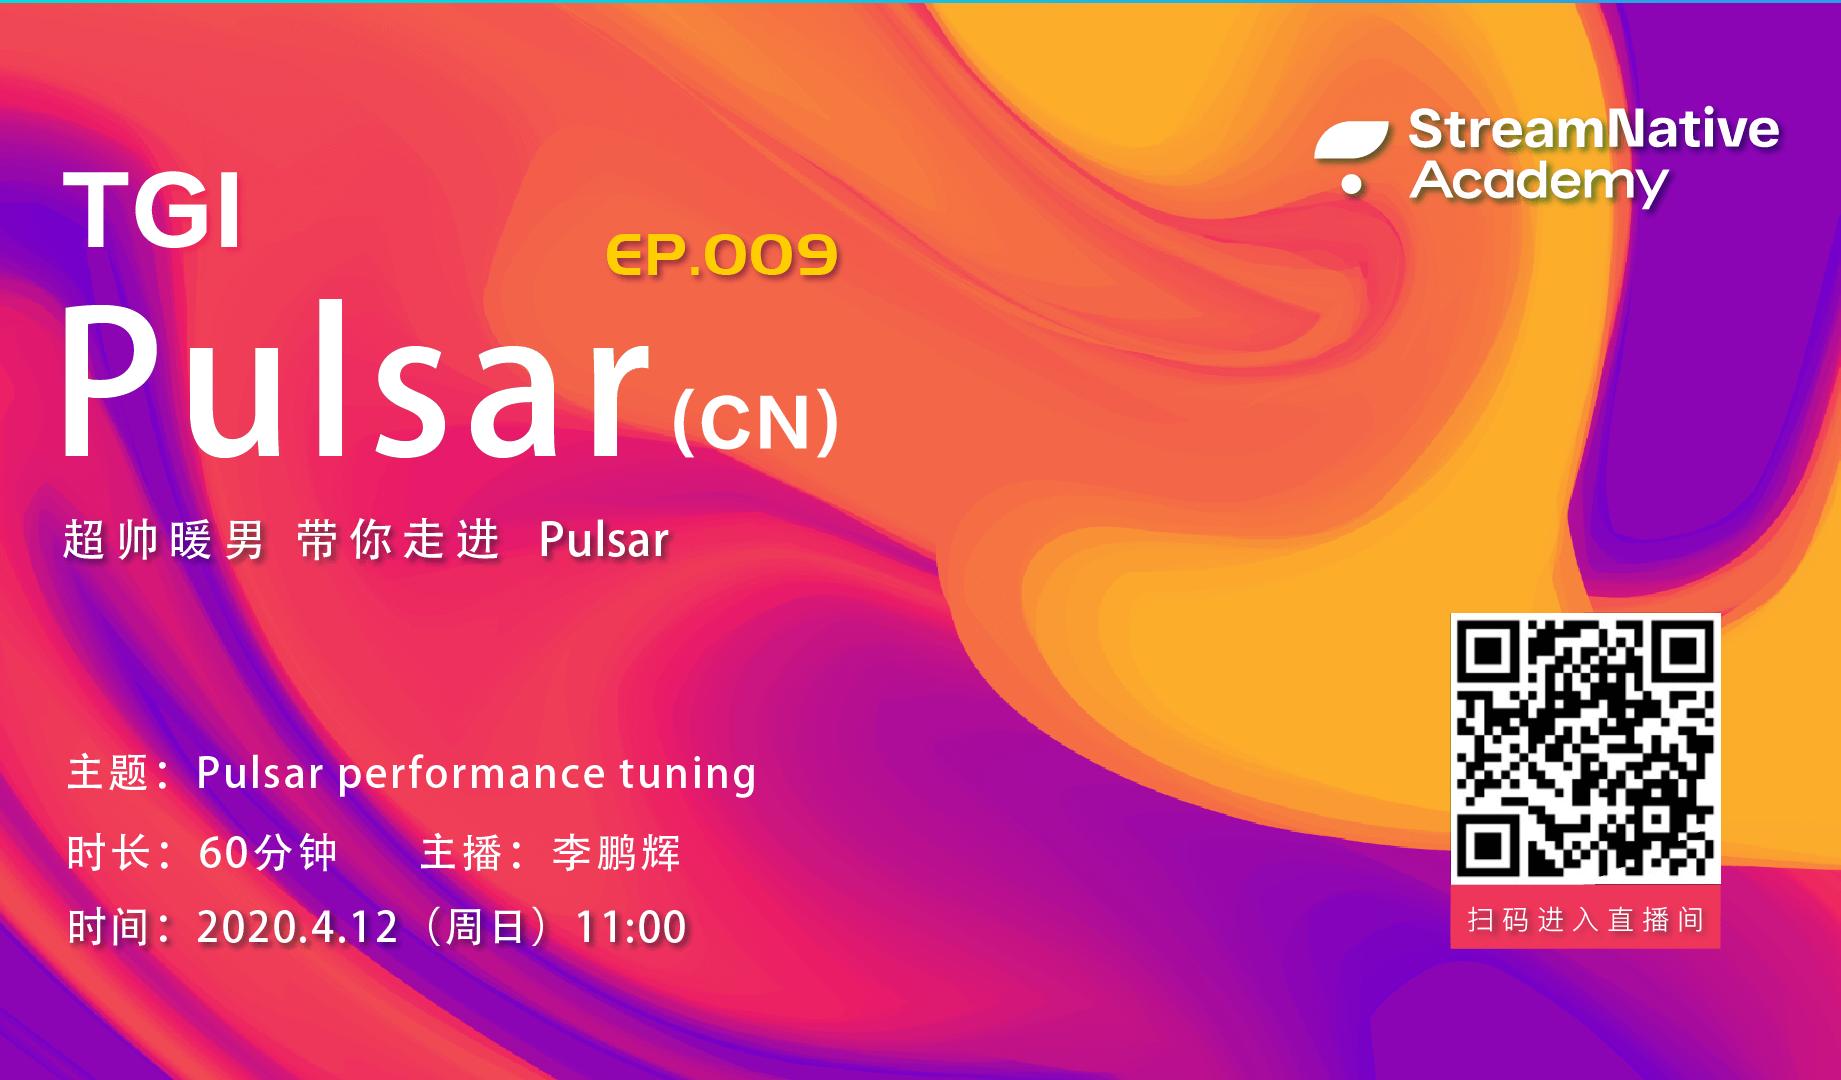 TGIP-CN 009: Pulsar performance tuning